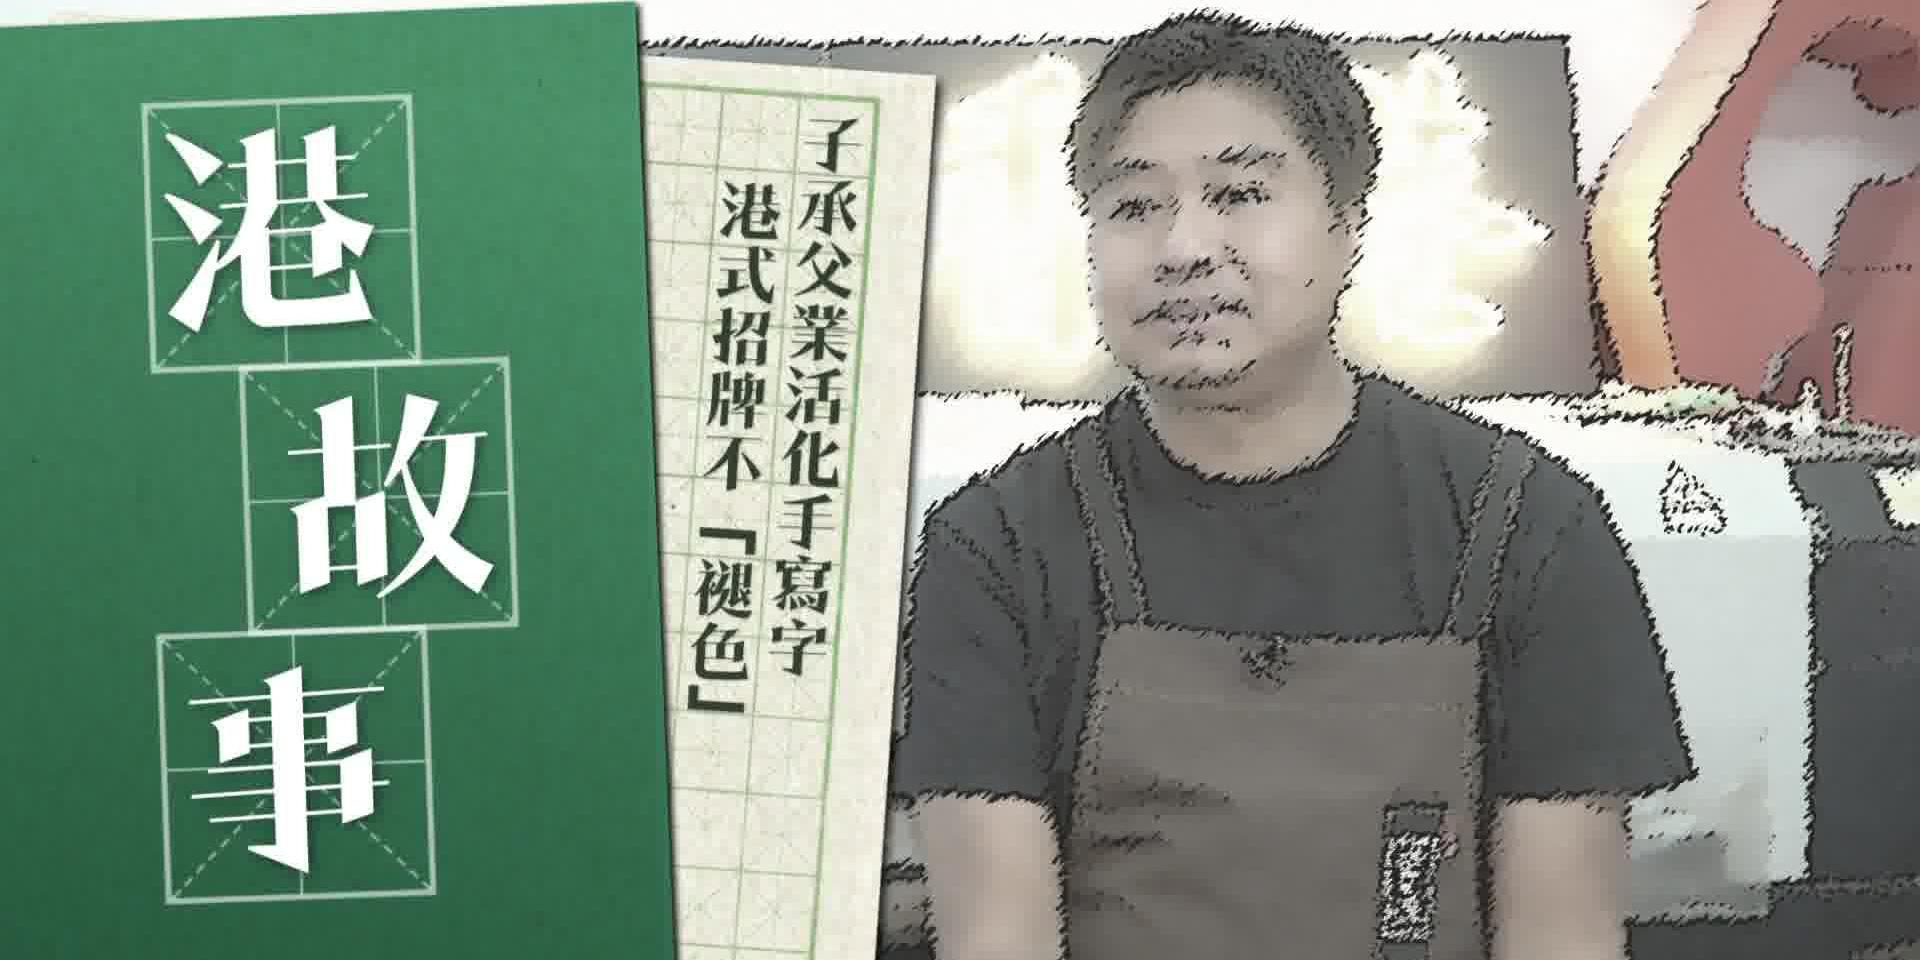 港故事|子承父業活化手寫字 港式招牌不「褪色」